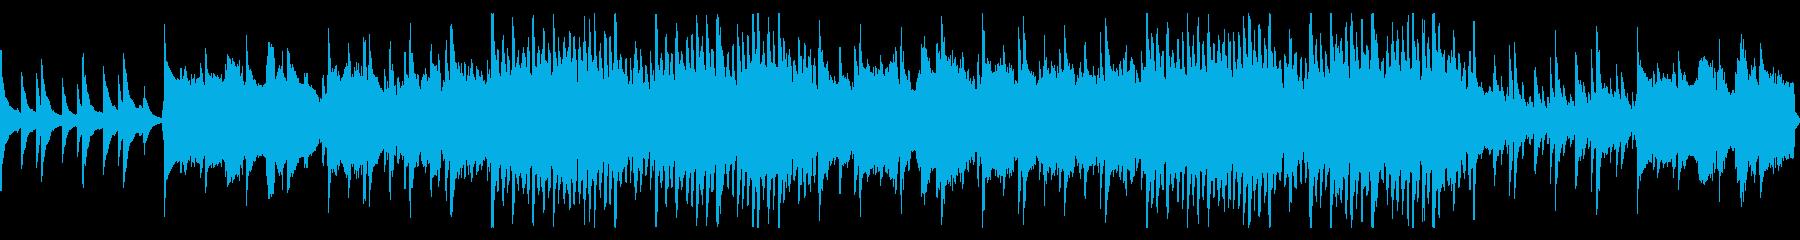 【ループ版】バイオリン 安心感の再生済みの波形